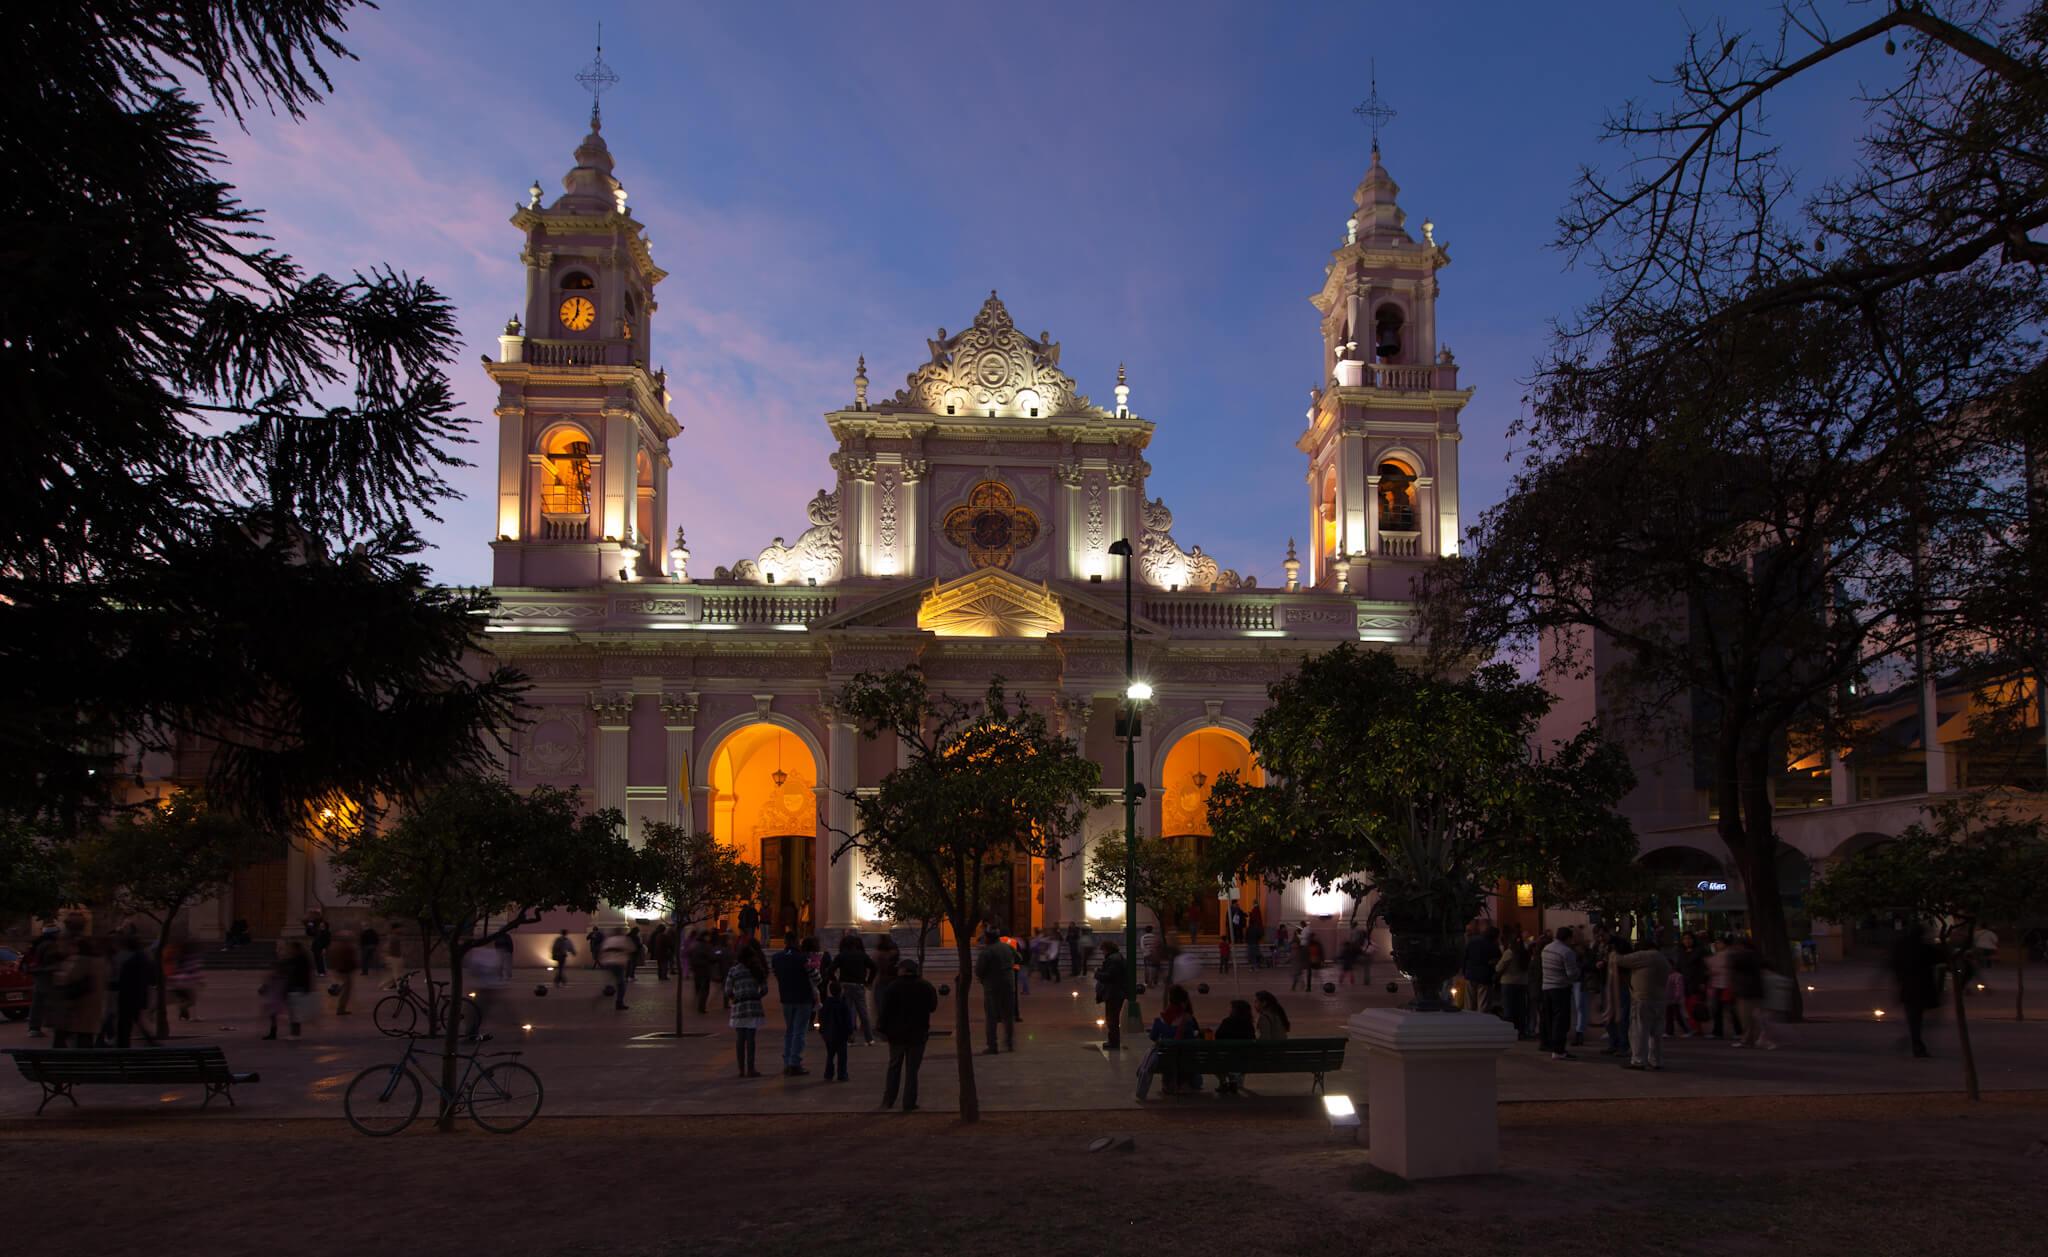 Catedral de Salta. Fuente: Catedral de Salta. Fuente: Jimmy Baikovicius.